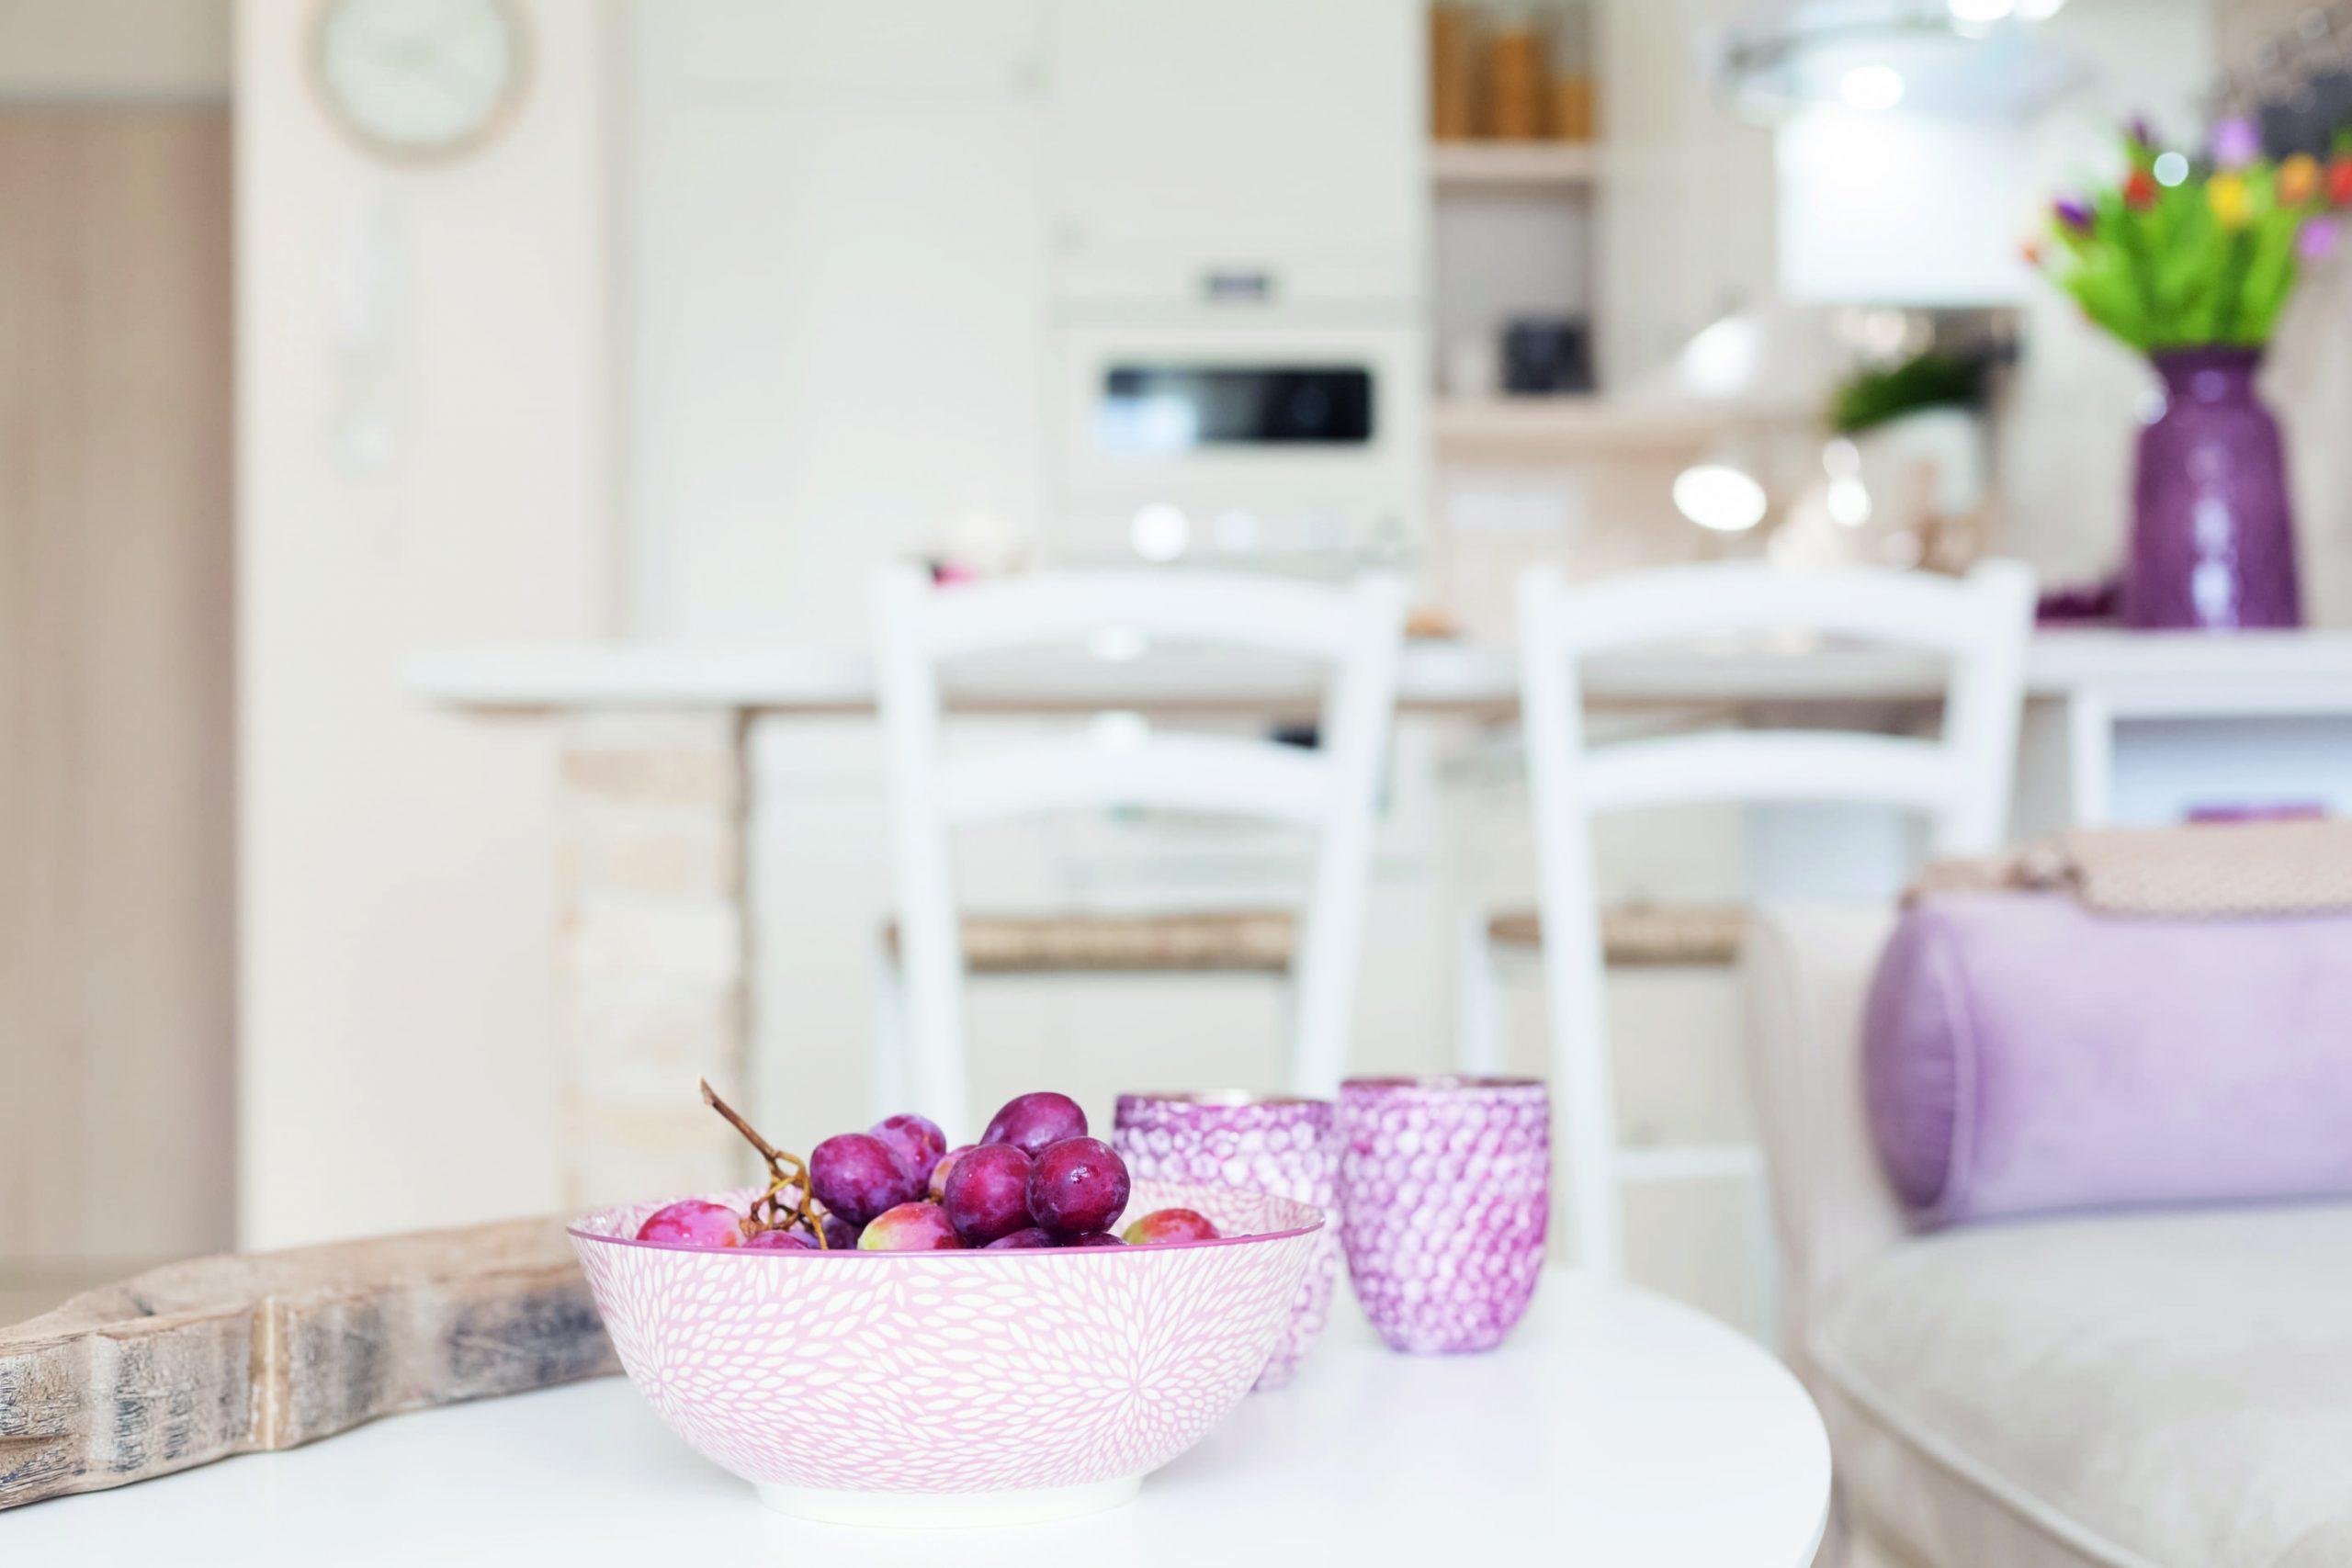 Ružová miska s hroznom na stolíku v obývačke